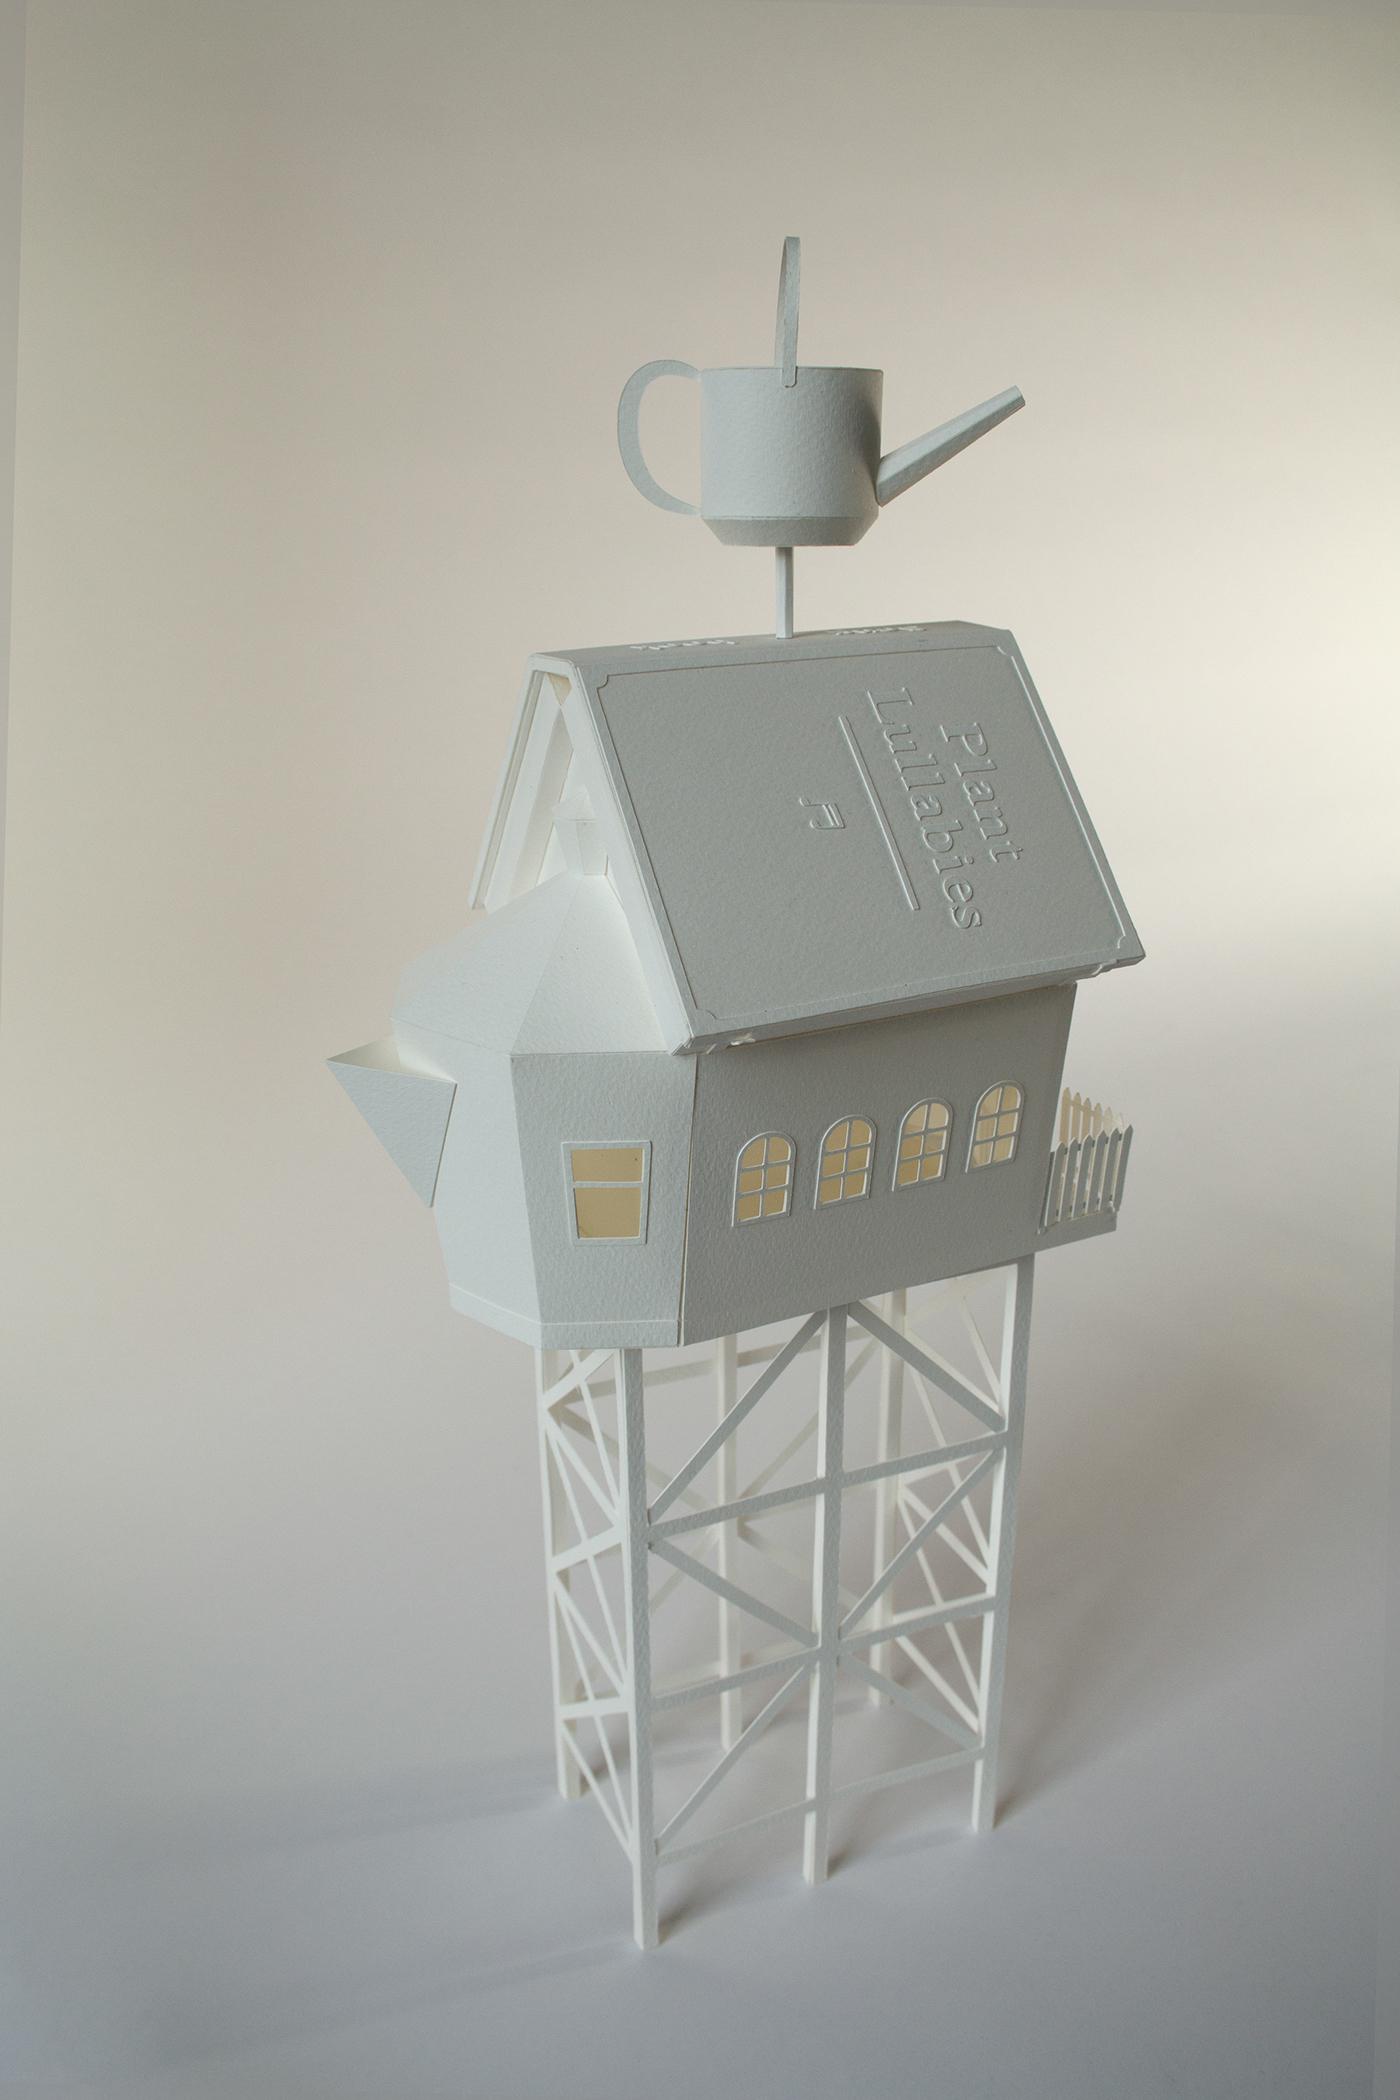 paper papercraft models paper art craft plants houses architecture Miniature set design